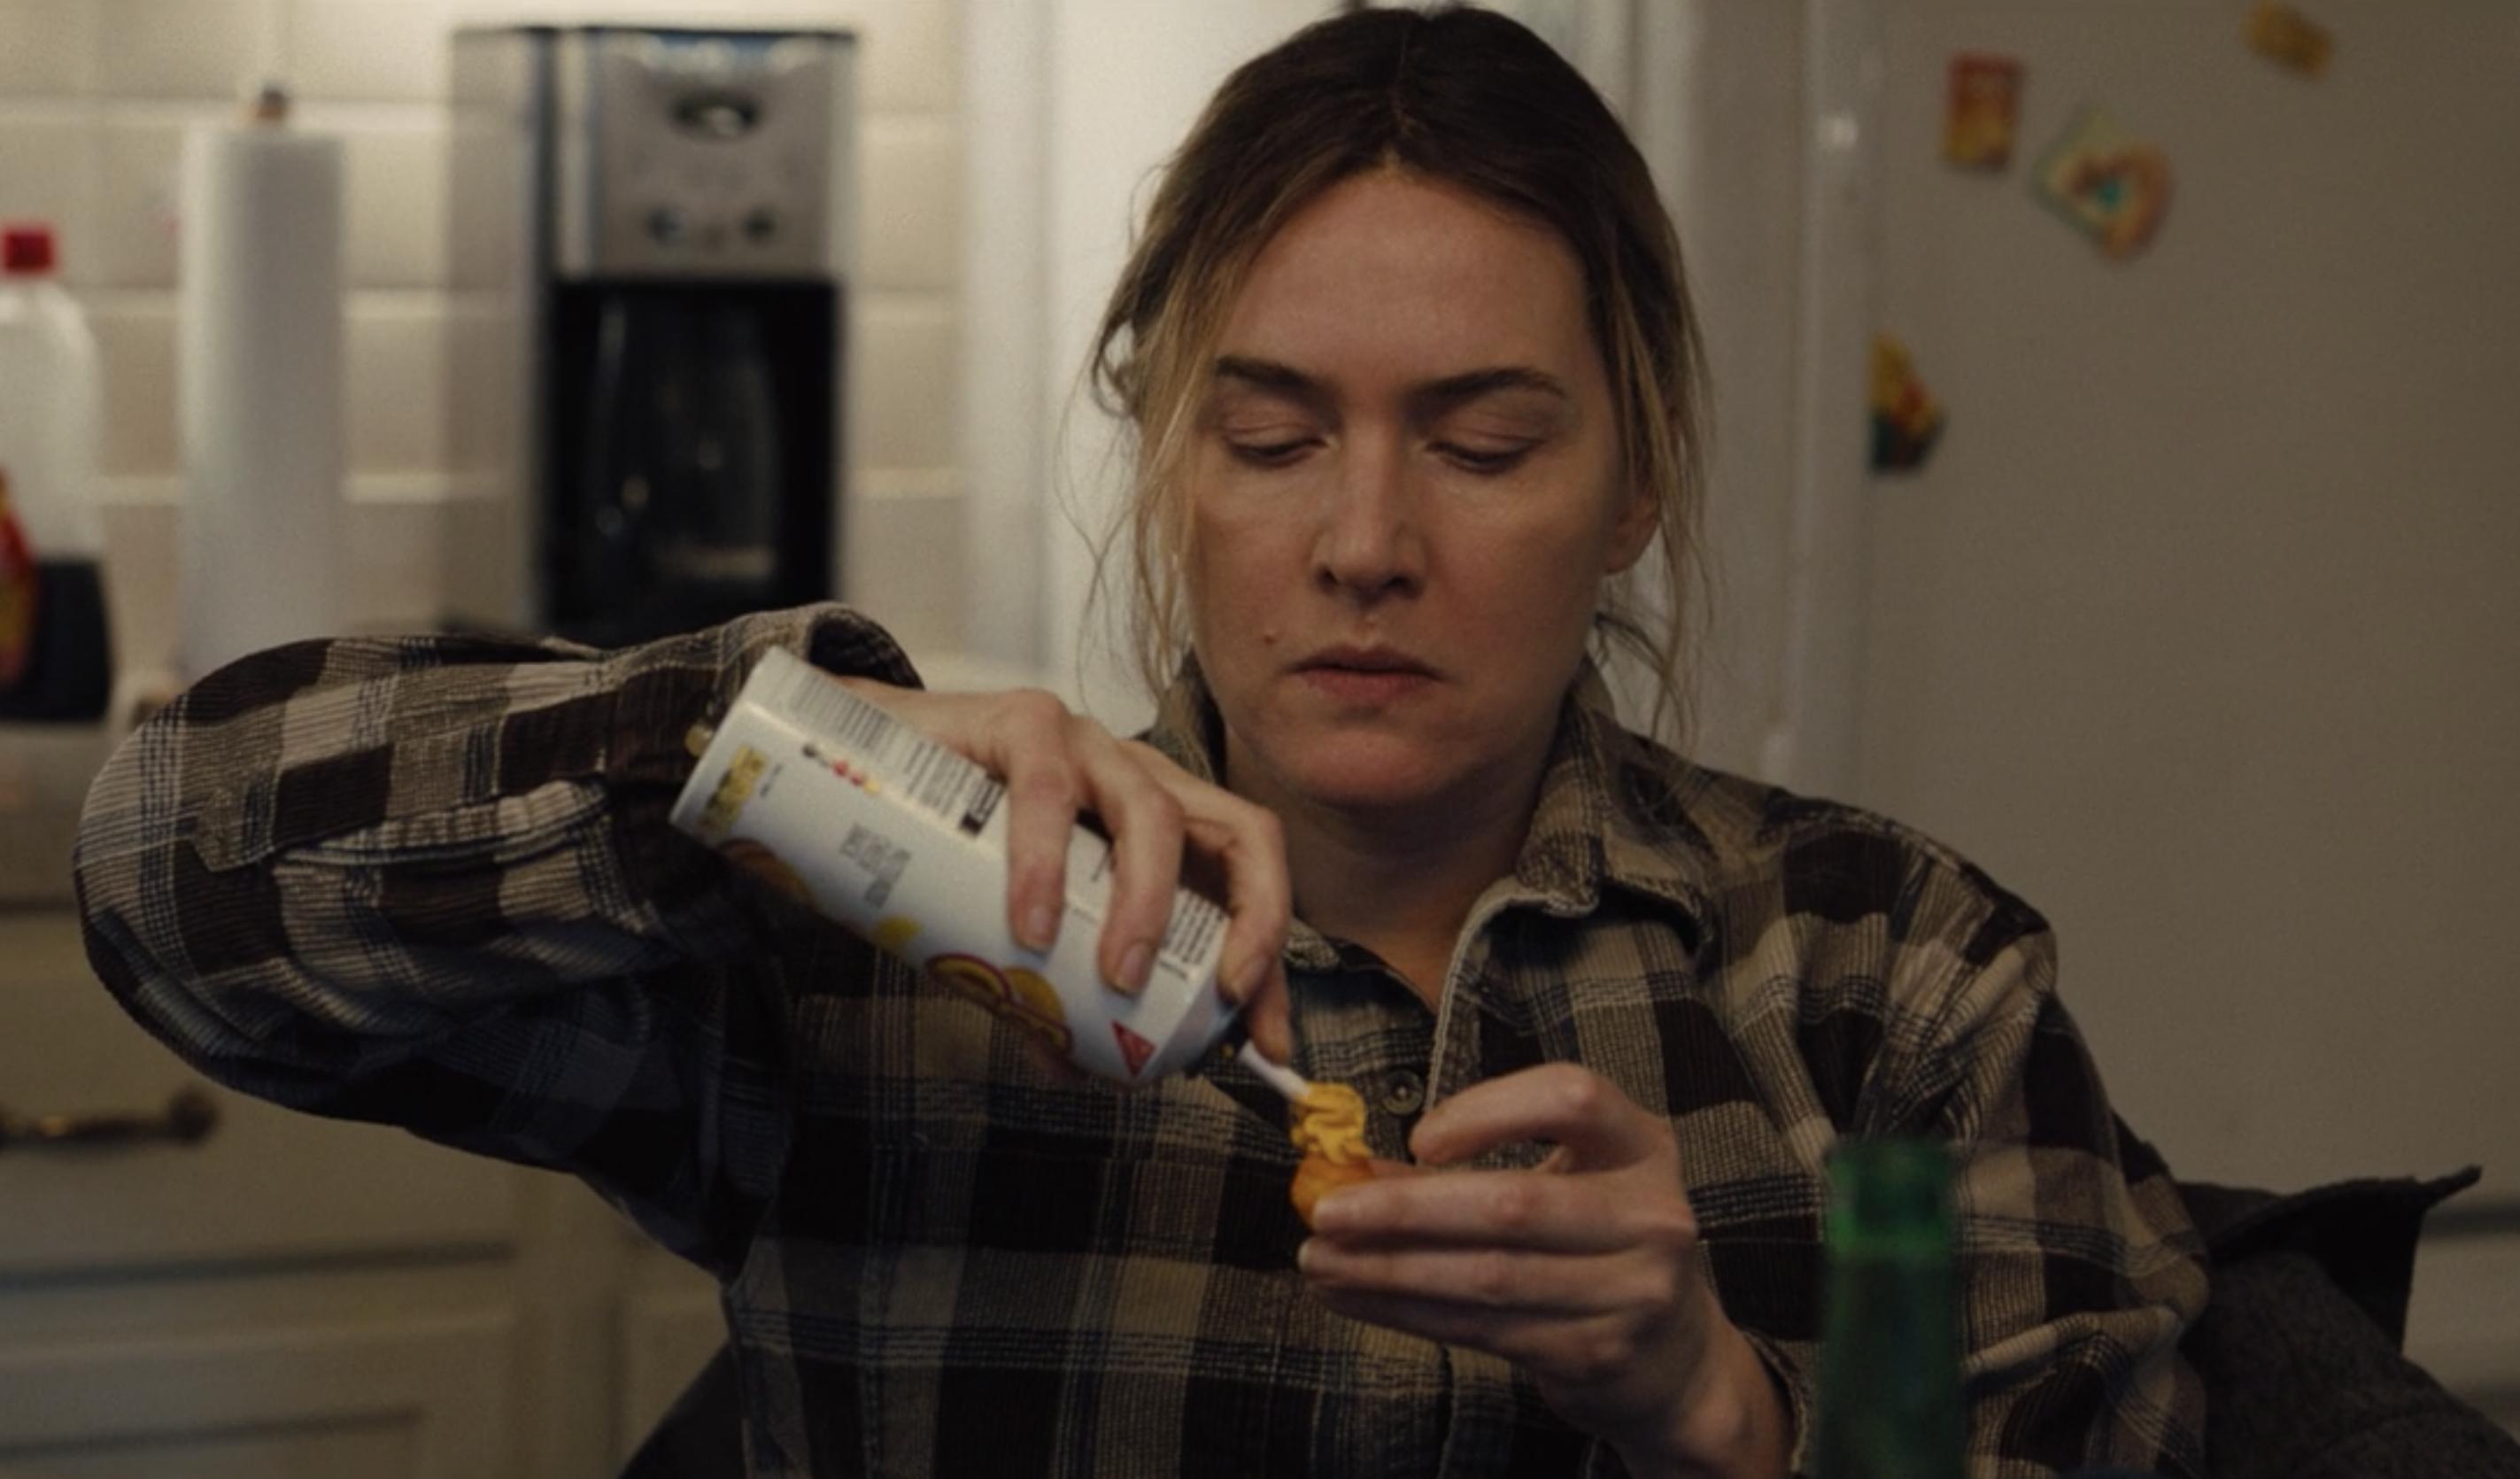 A imagem é uma cena da série Mare of Easttown. Nela, Kate Winslet, que interpreta Mare, está sentada na cozinha colocando queijo cheddar em um biscoito. Mare é uma mulher branca, de cabelos loiros presos em um coque baixo, ela veste uma camisa xadrez.